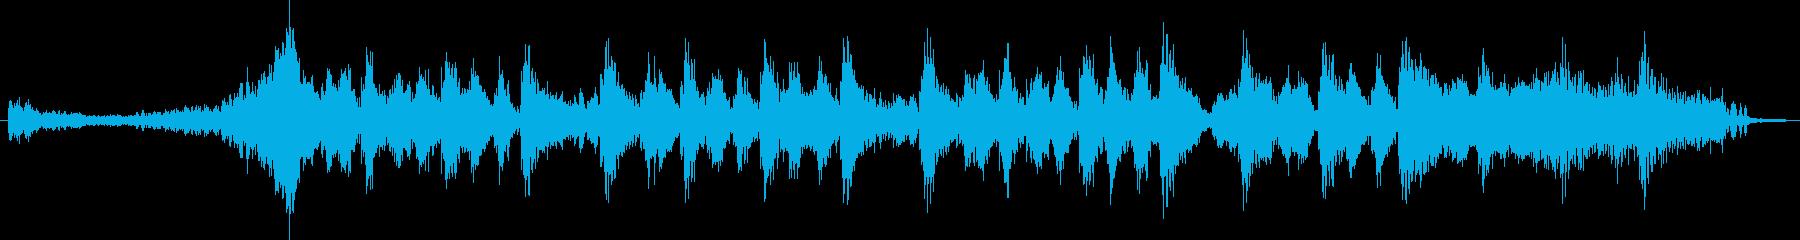 奇妙な音で英雄的な方法で面白い  ...の再生済みの波形